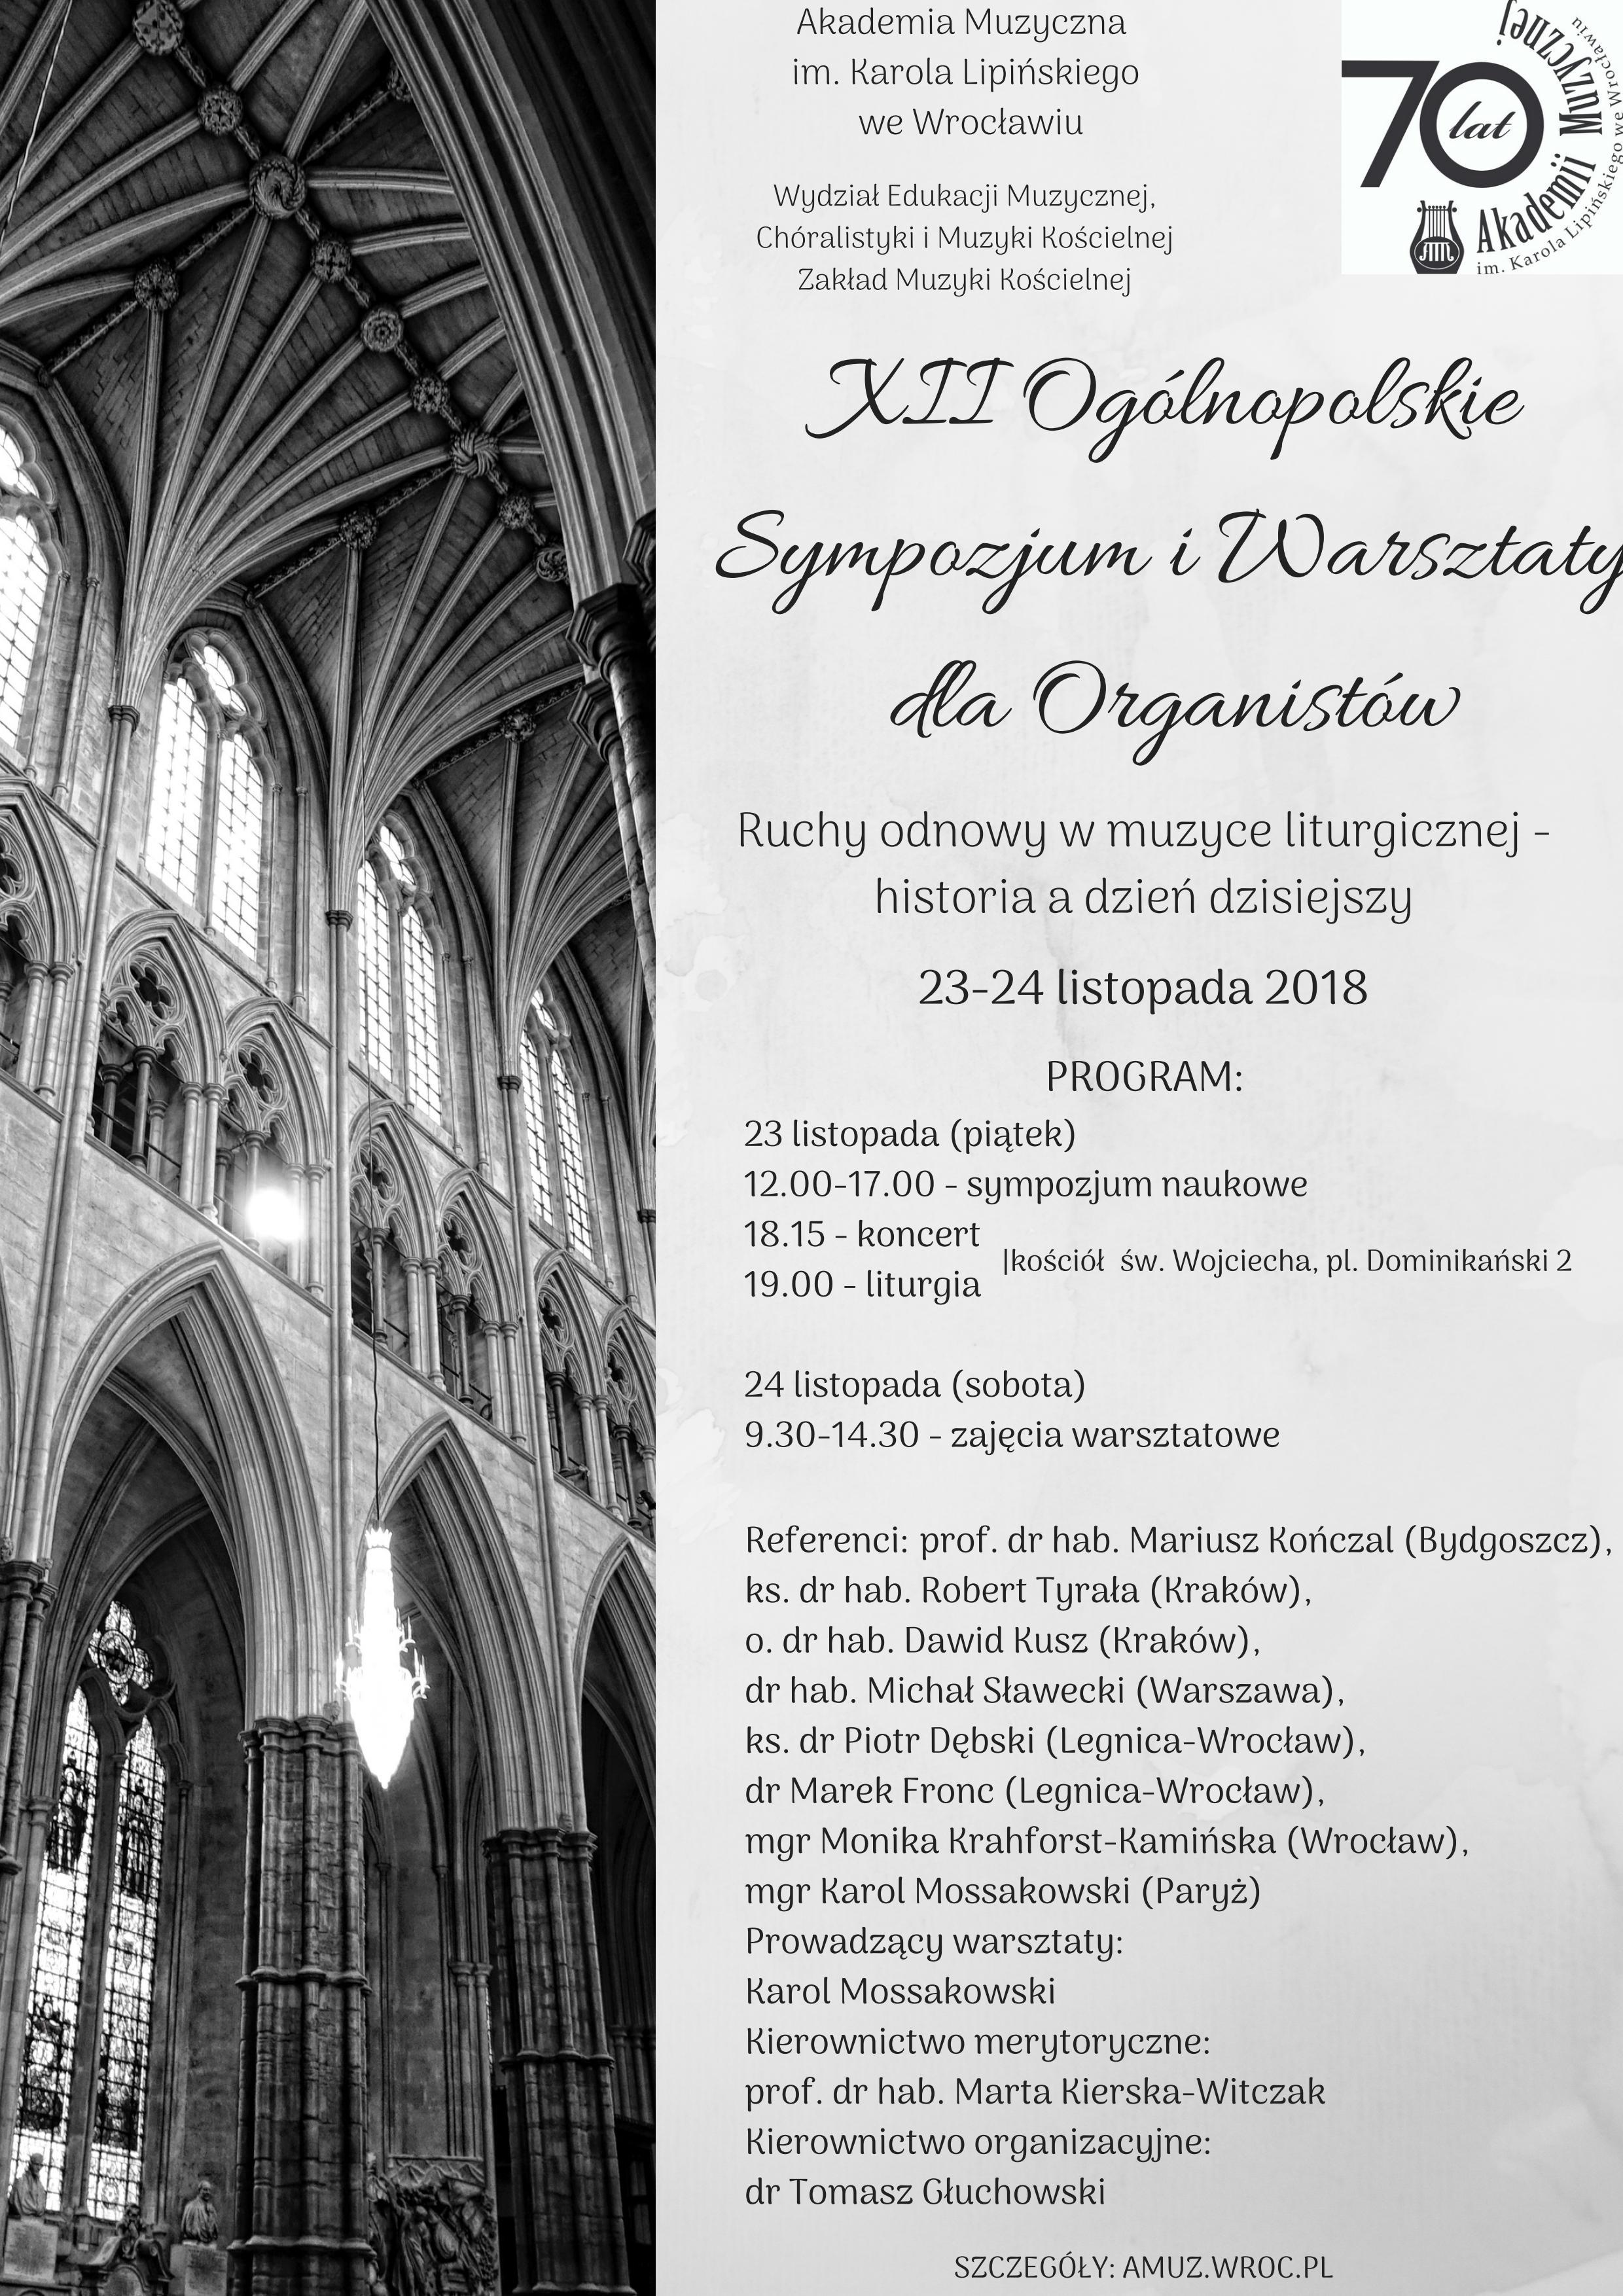 XII Ogólnopolskie Sympozjum i Warsztaty dla Organistów